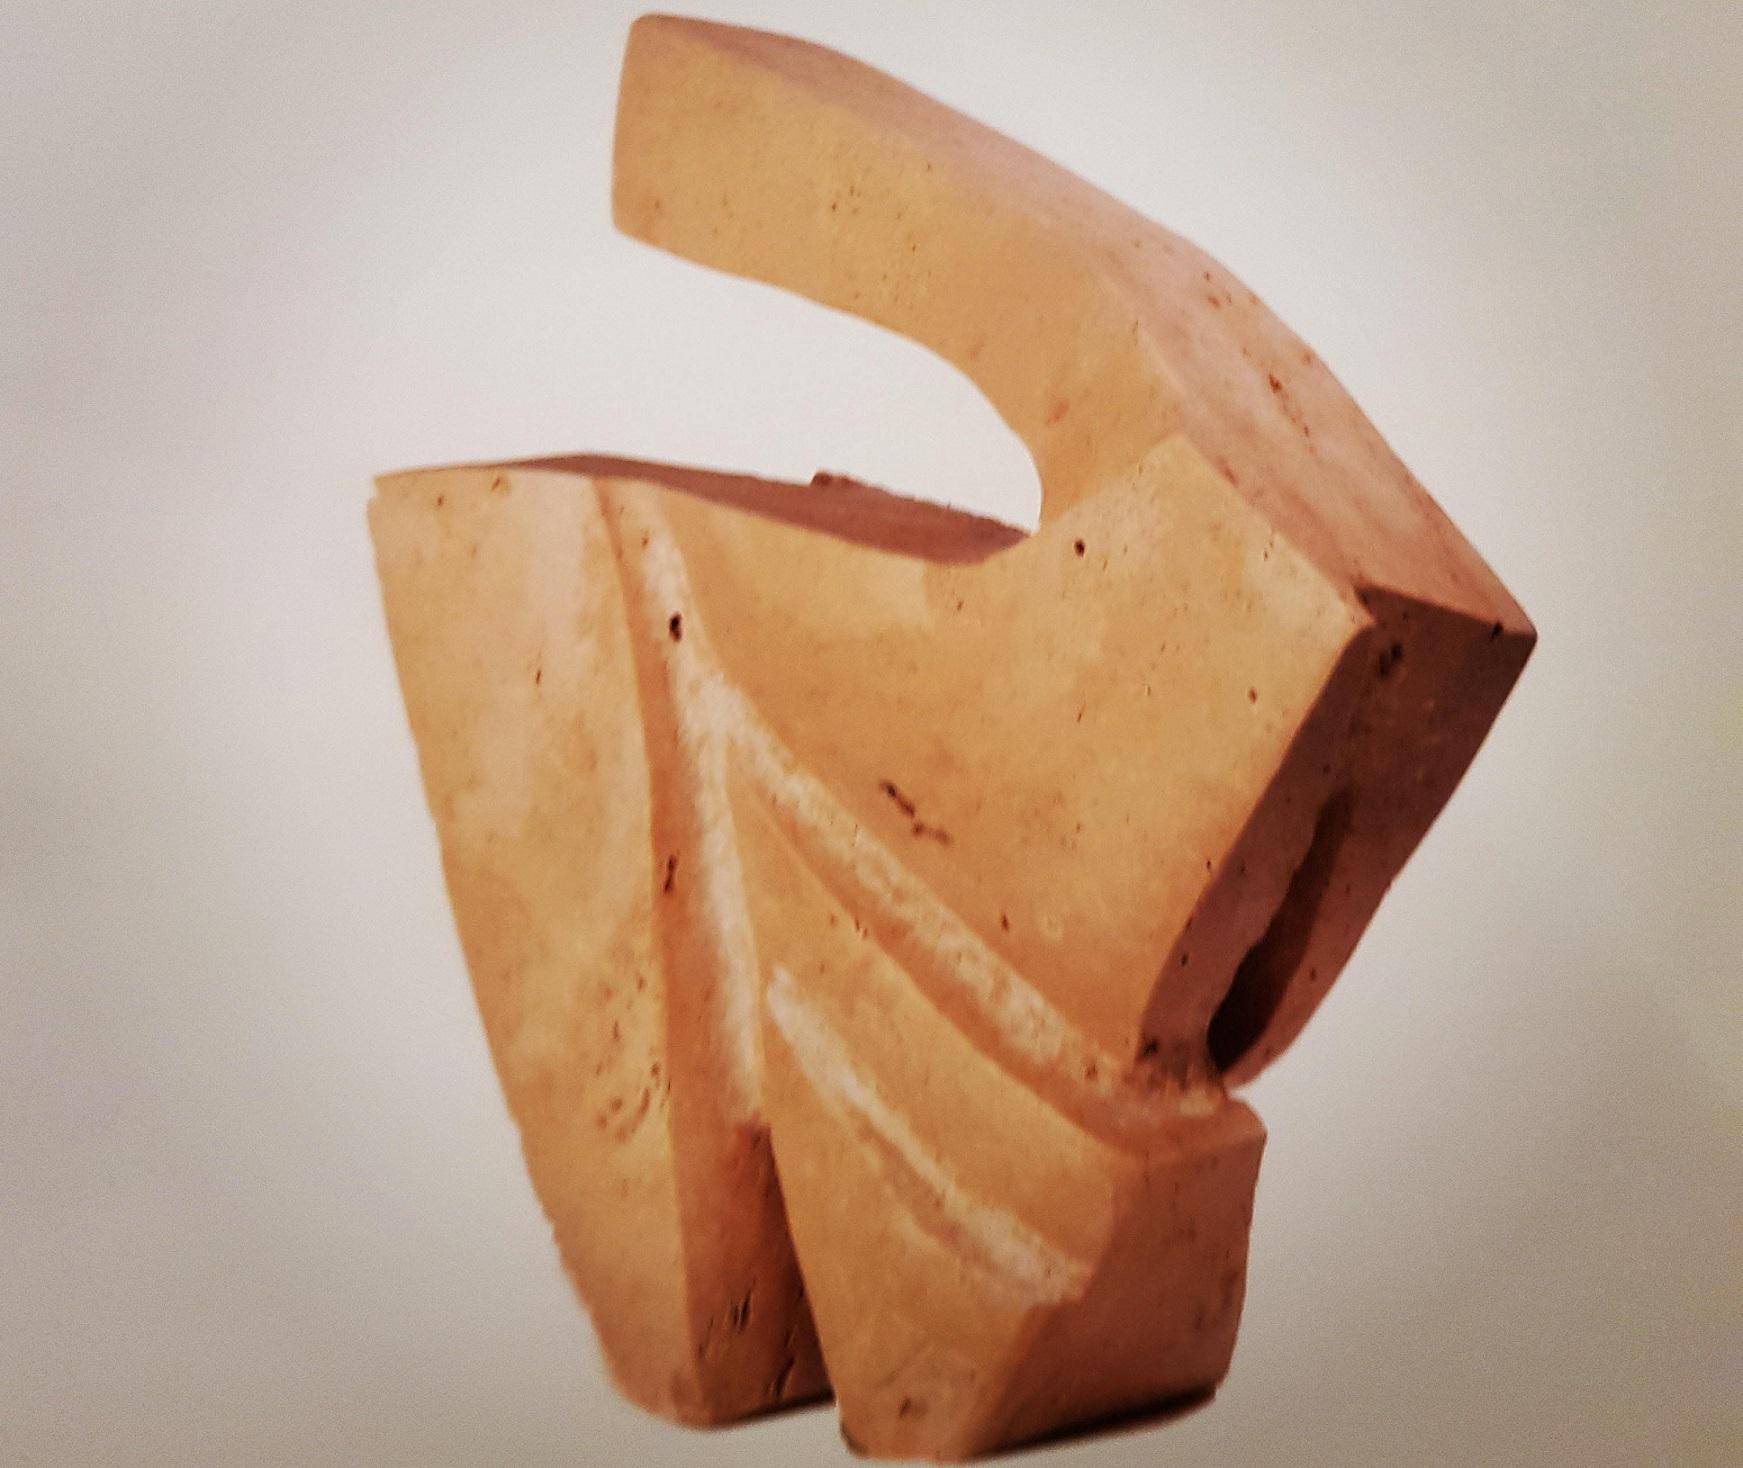 L'Angolo di Marta Lock: Le forme astratte e la sinergia tra differenti materiali nelle sculture di F